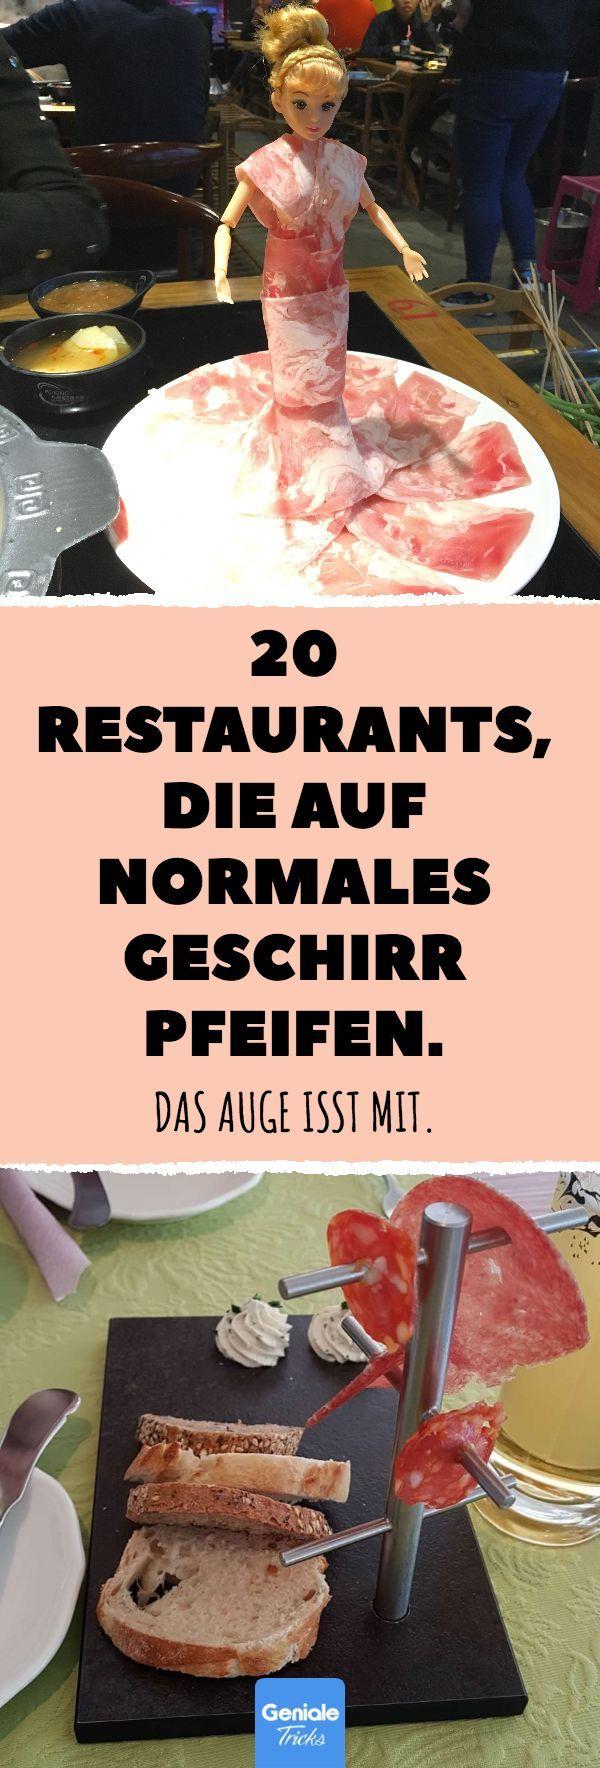 20 Restaurants, die auf normales Geschirr pfeifen